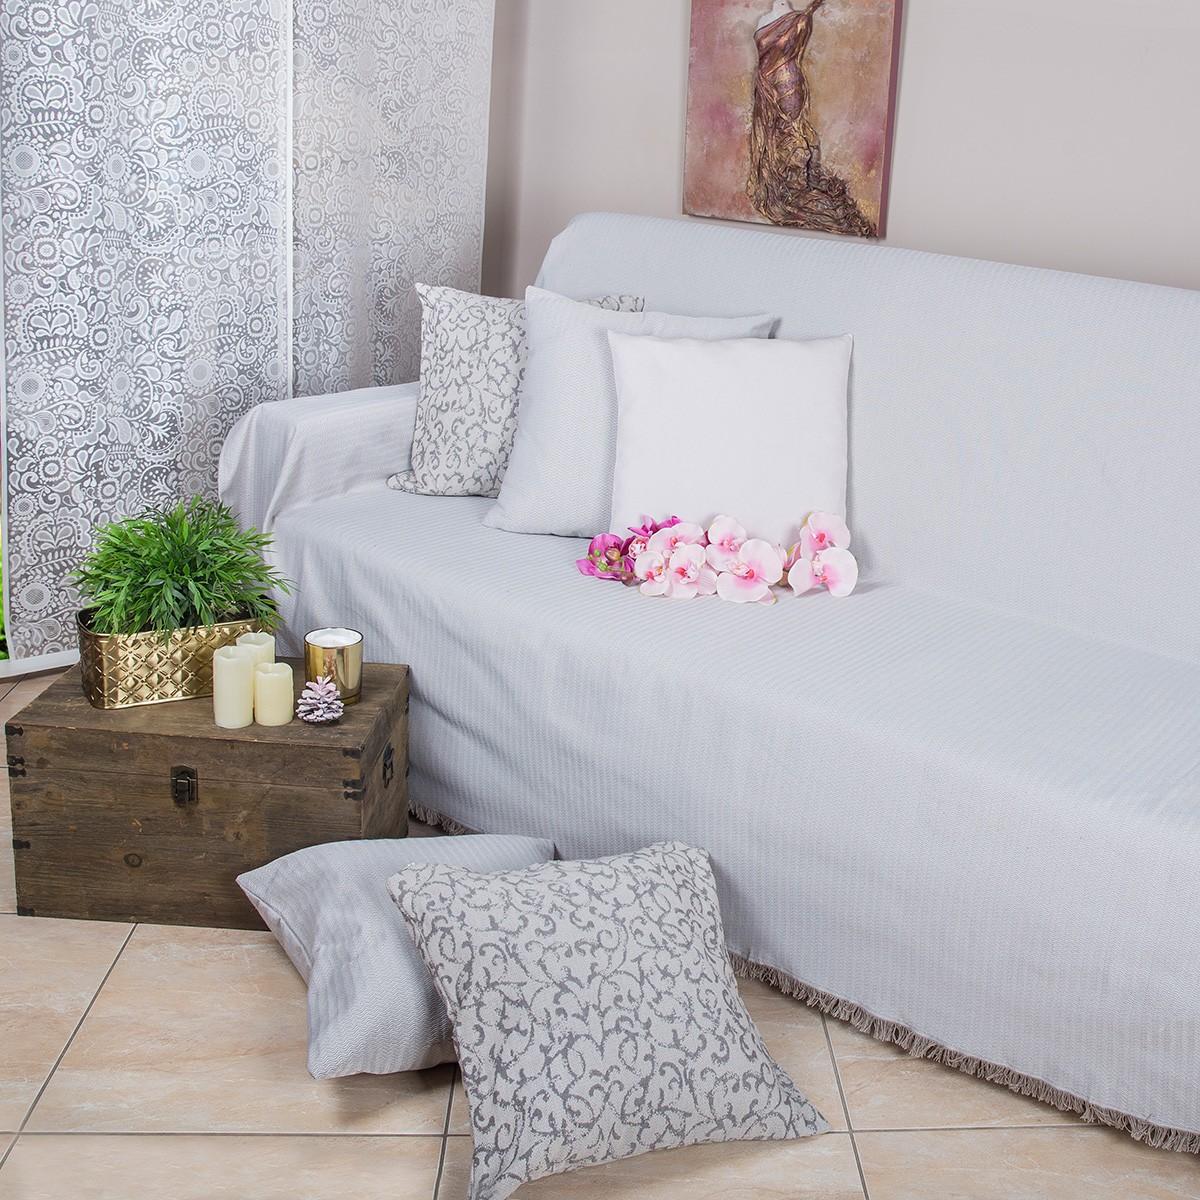 Ριχτάρι Τετραθέσιου (180x350) Loom To Room Chevron Beige home   σαλόνι   ριχτάρια καναπέ